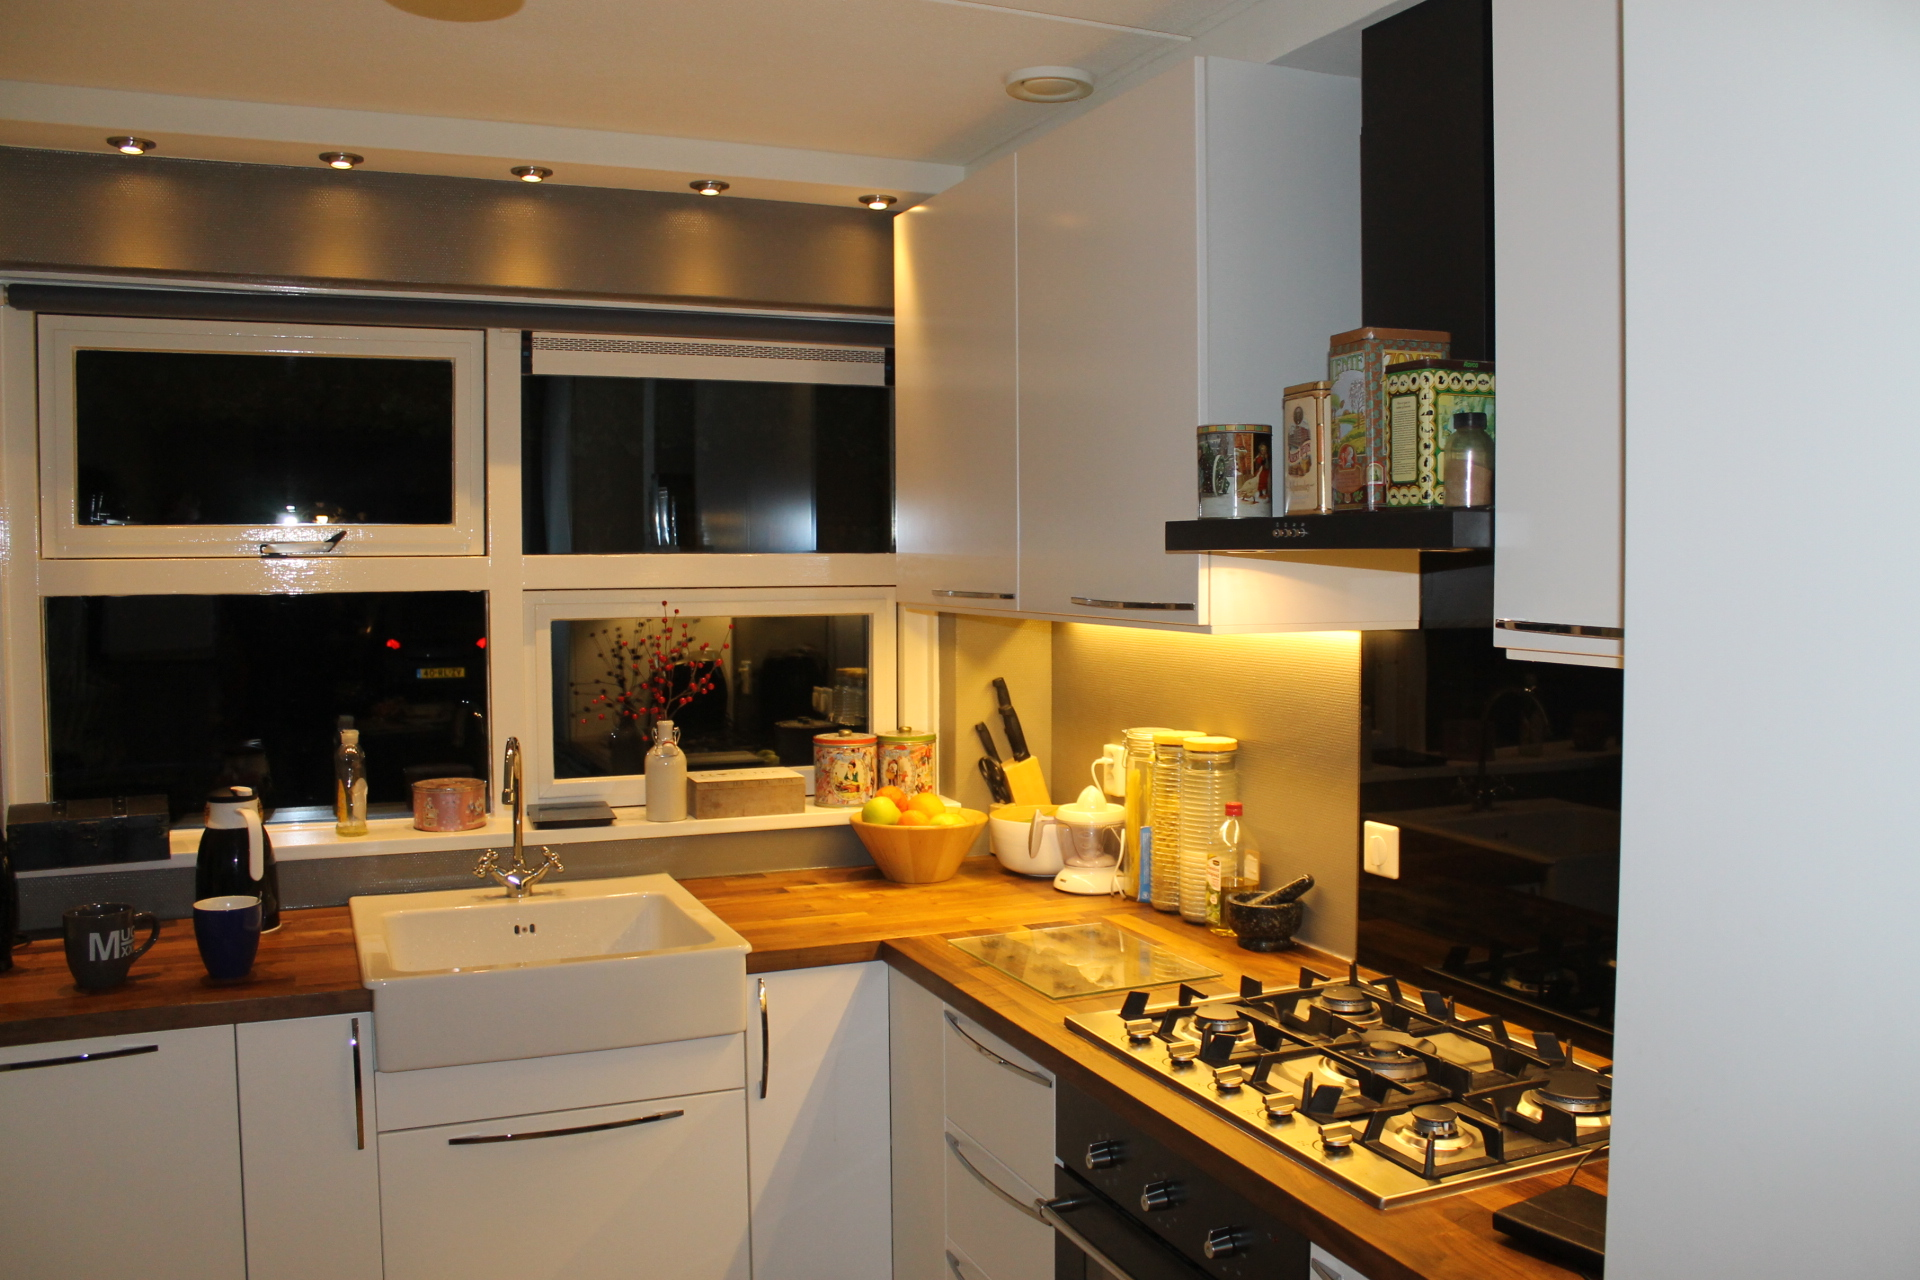 keuken carrousel monteren : Nl Funvit Com Badkamerkast Verven